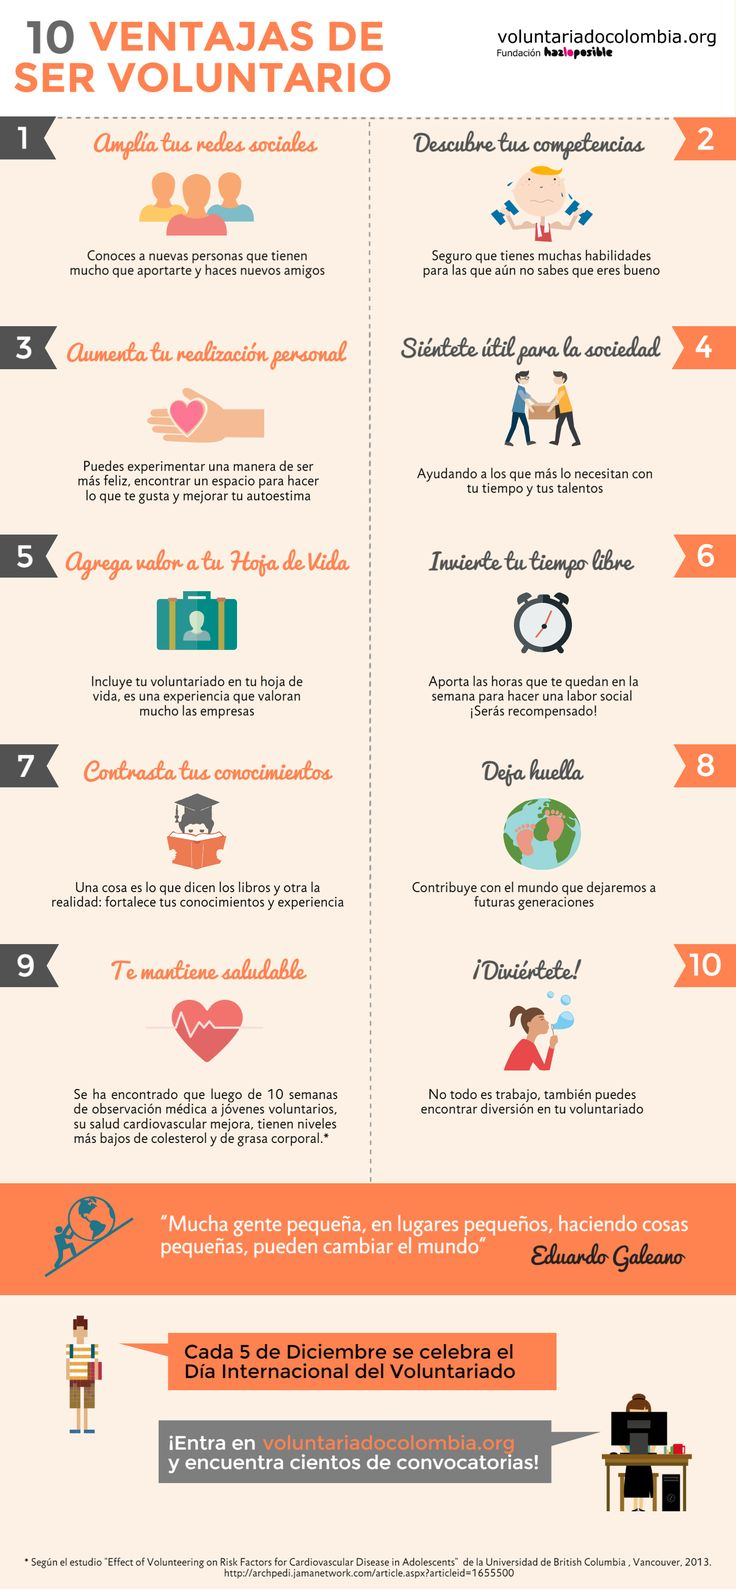 10 ventajas de ser voluntario #voluntariado. #solidaridad